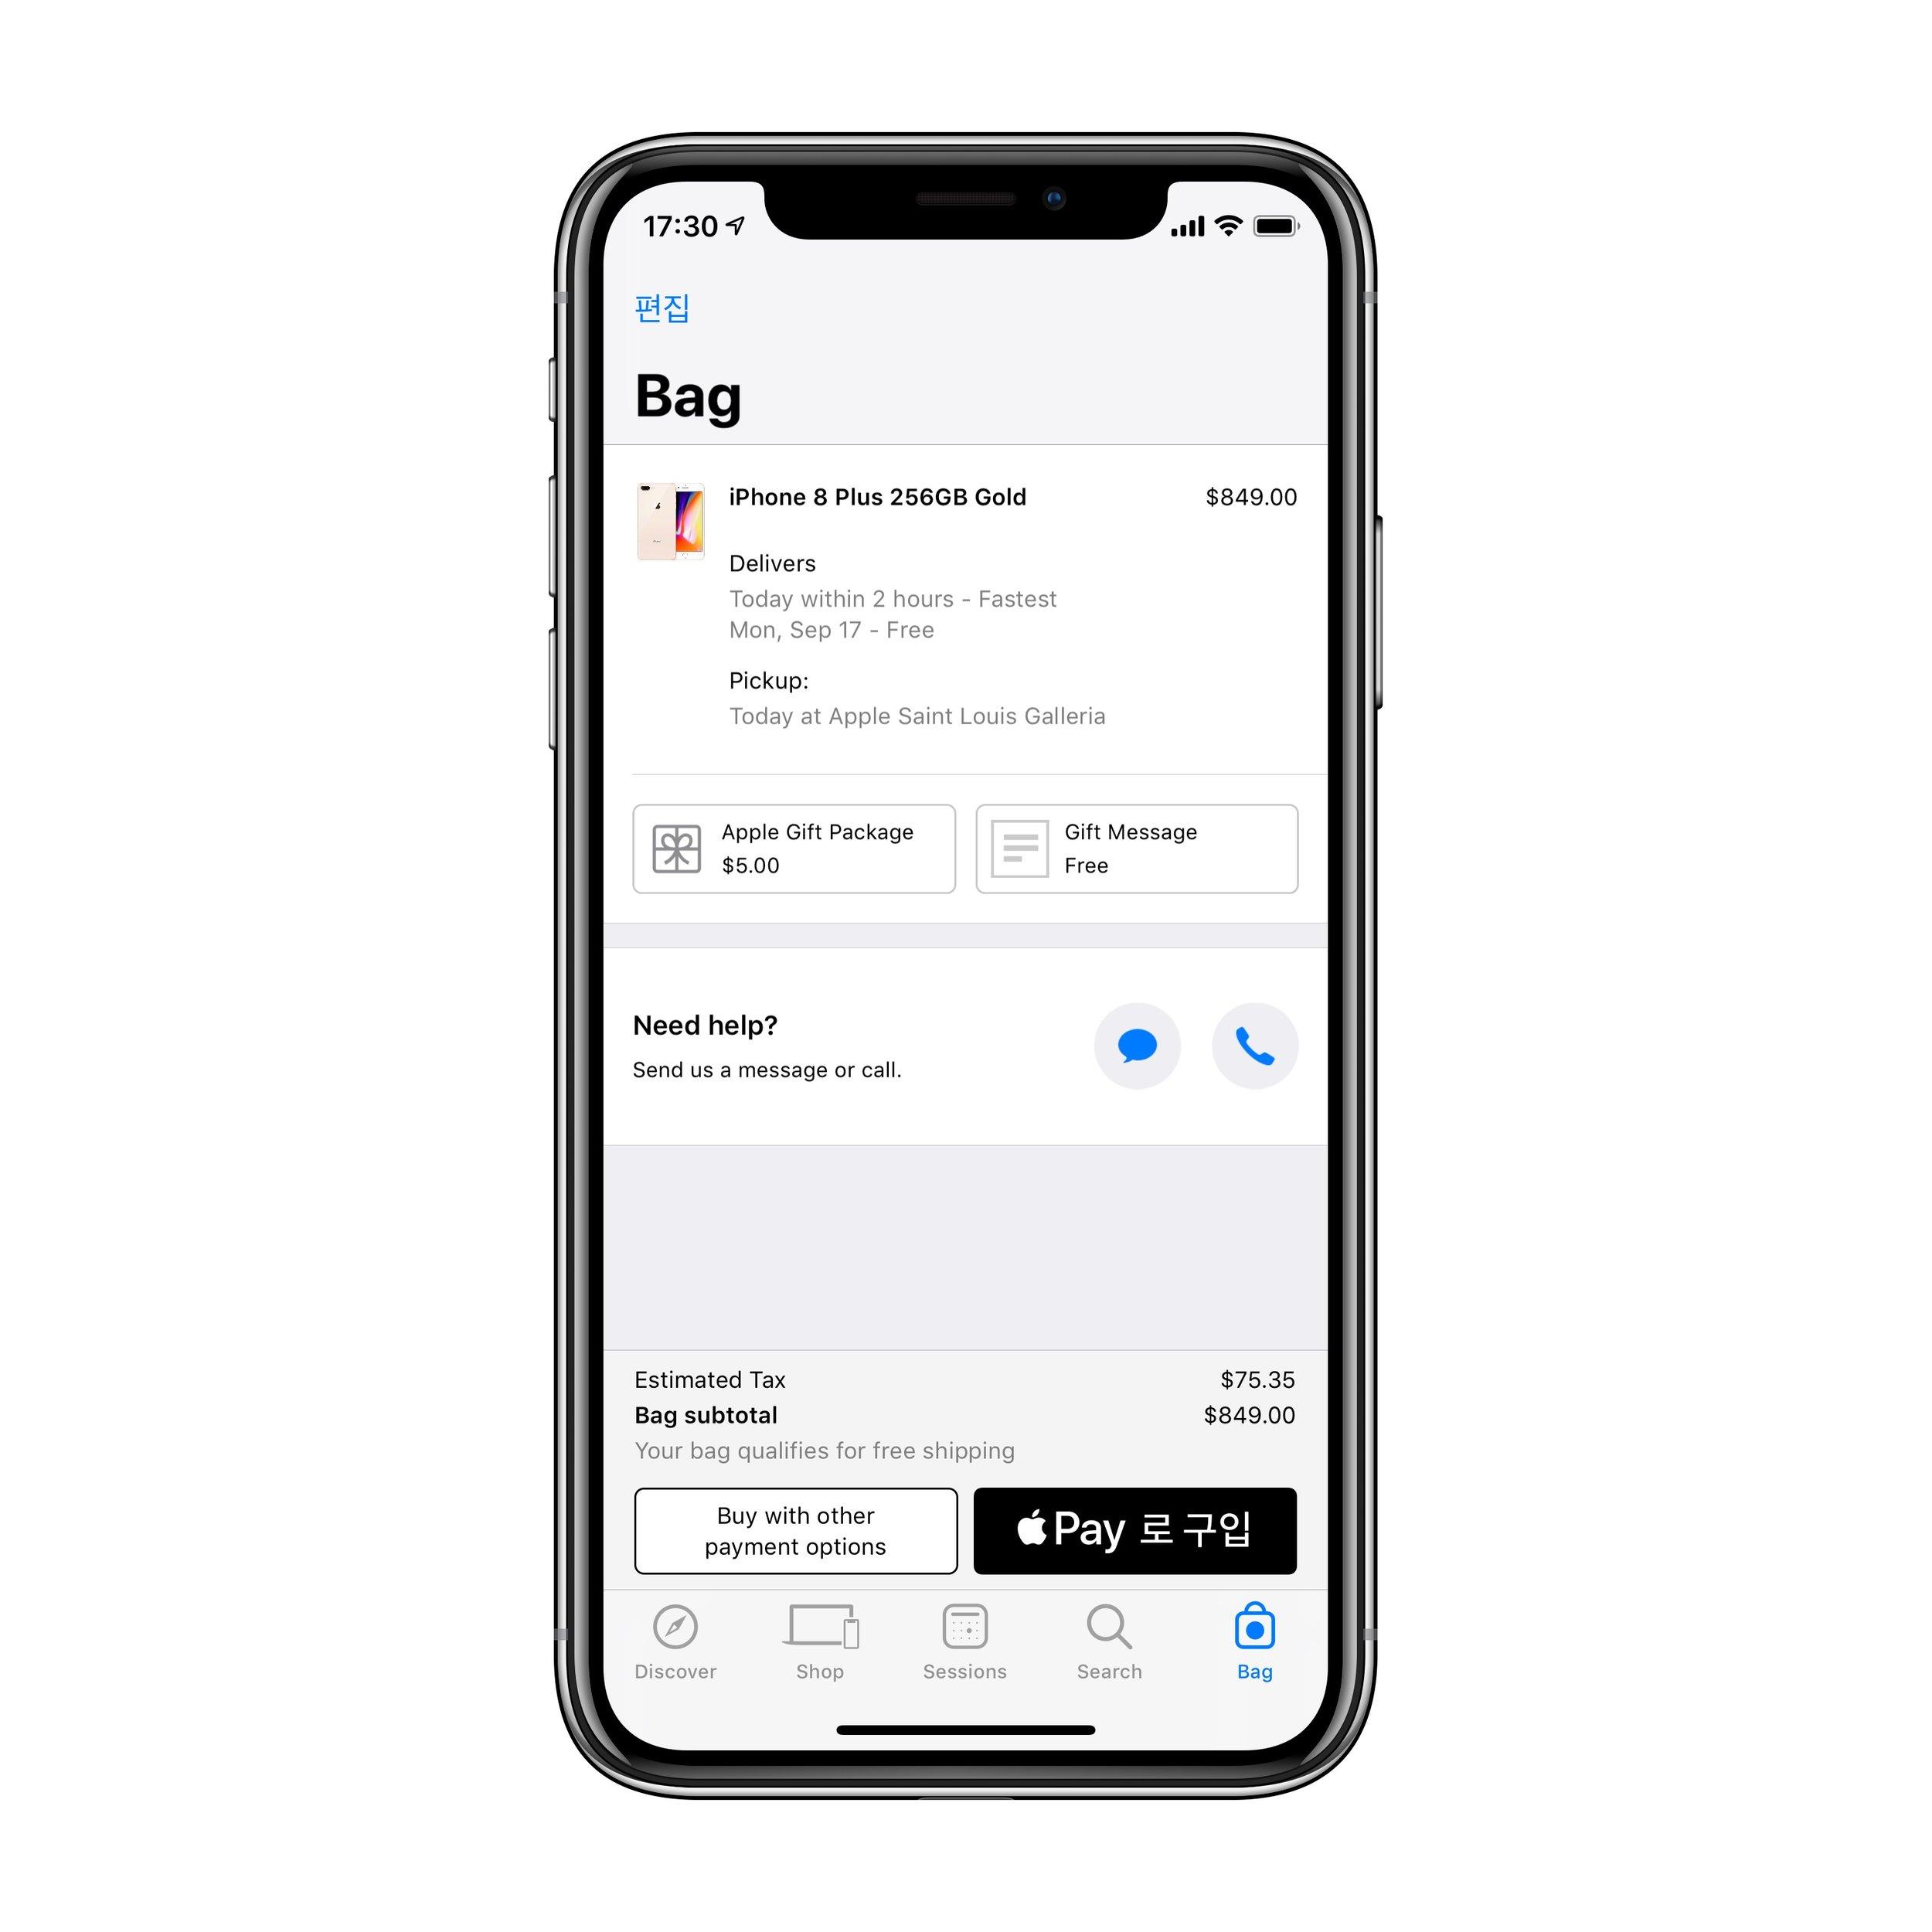 이 페이지에서 아래에 Buy 혹은 Check Out을 선택하세요. (여러분은 애플 페이를 사용할 수 없기 때문에 옵션이 살짝 다를 겁니다)